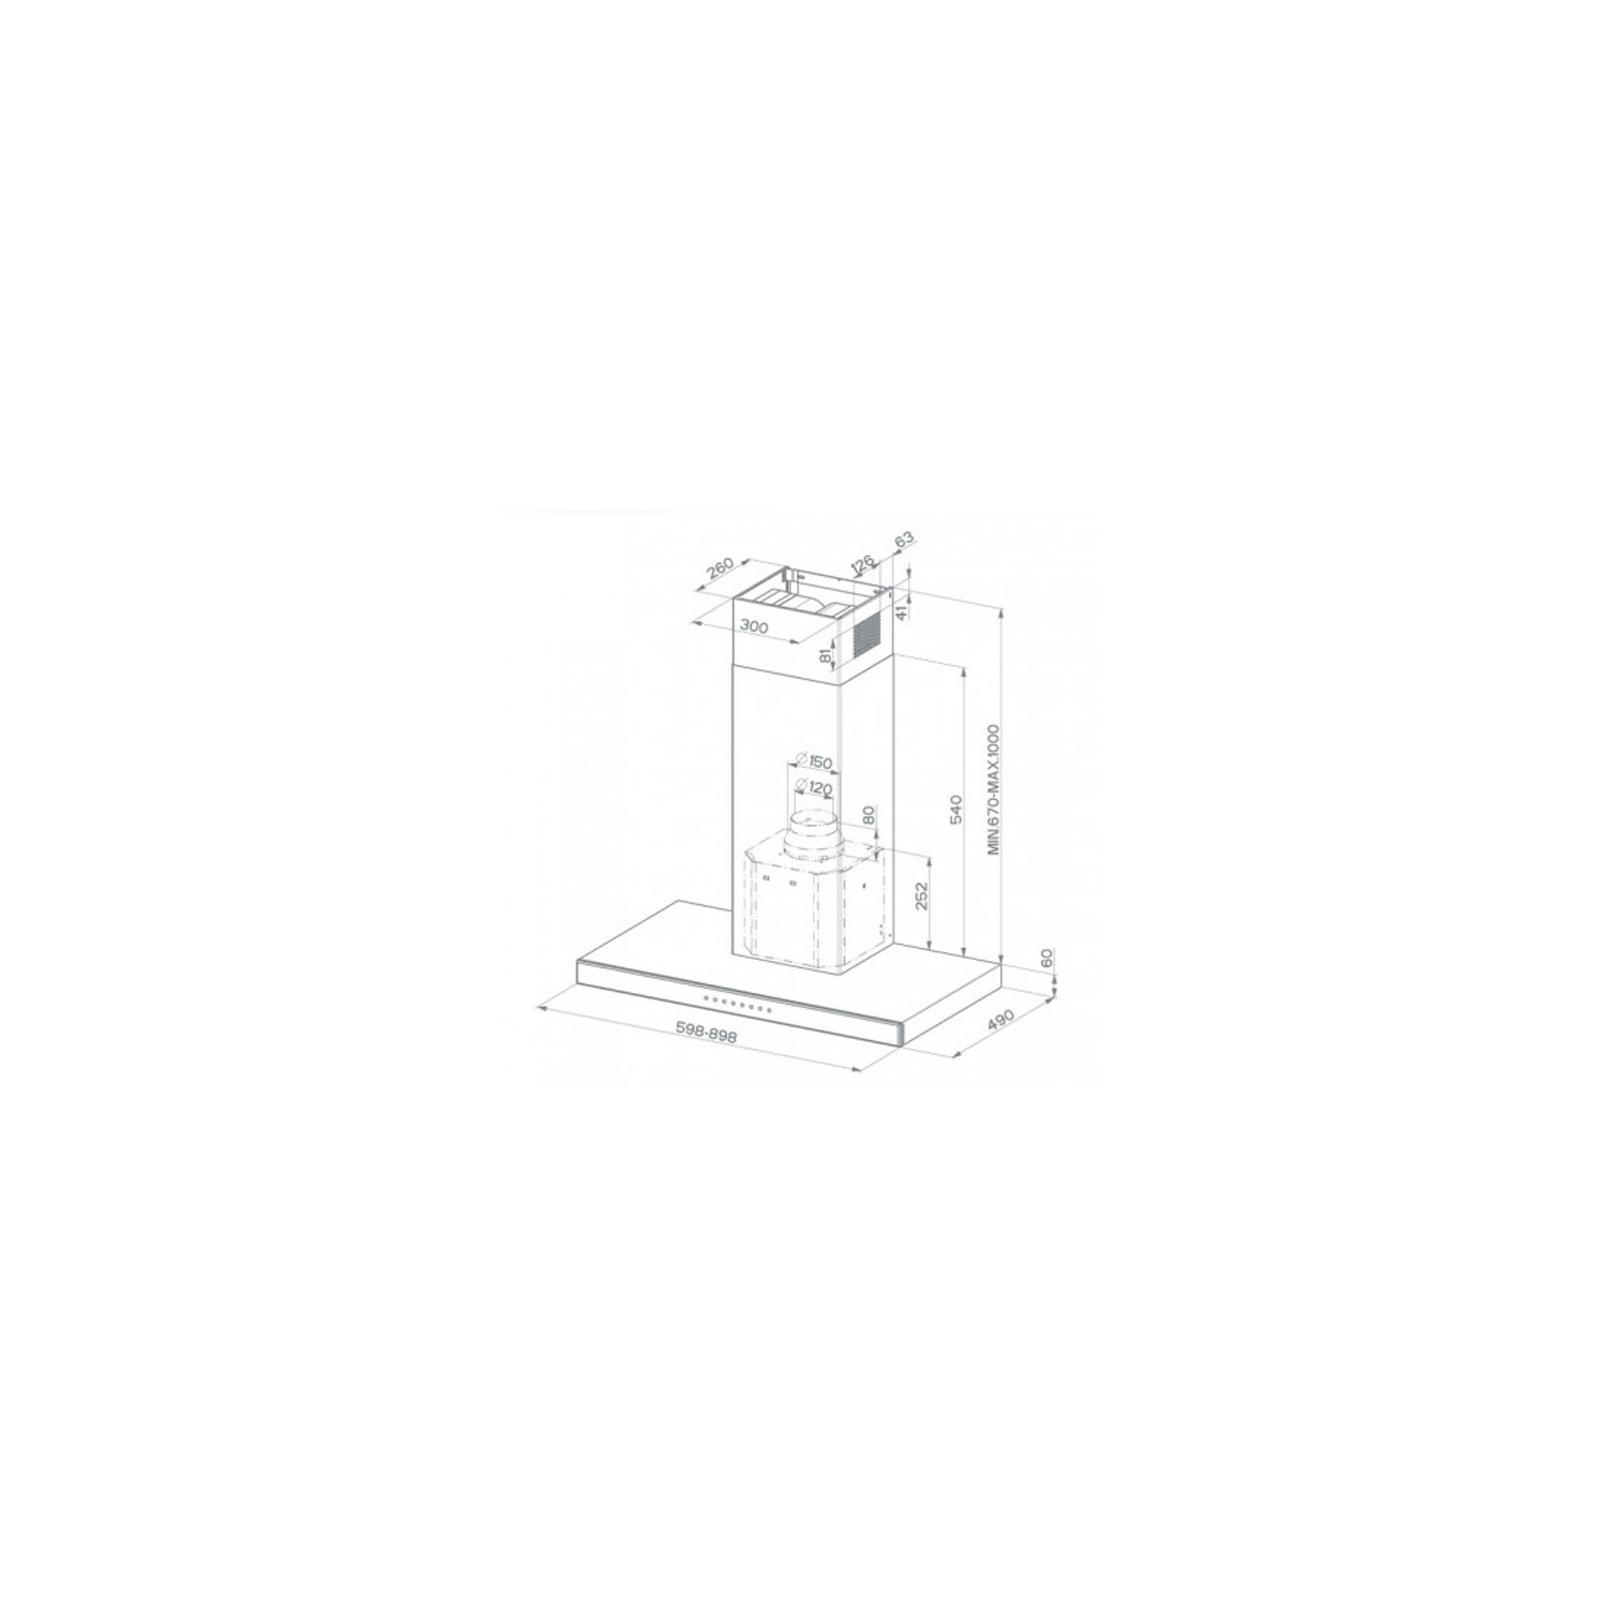 Вытяжка кухонная FABER STILUX EG8 X/V A90 изображение 2